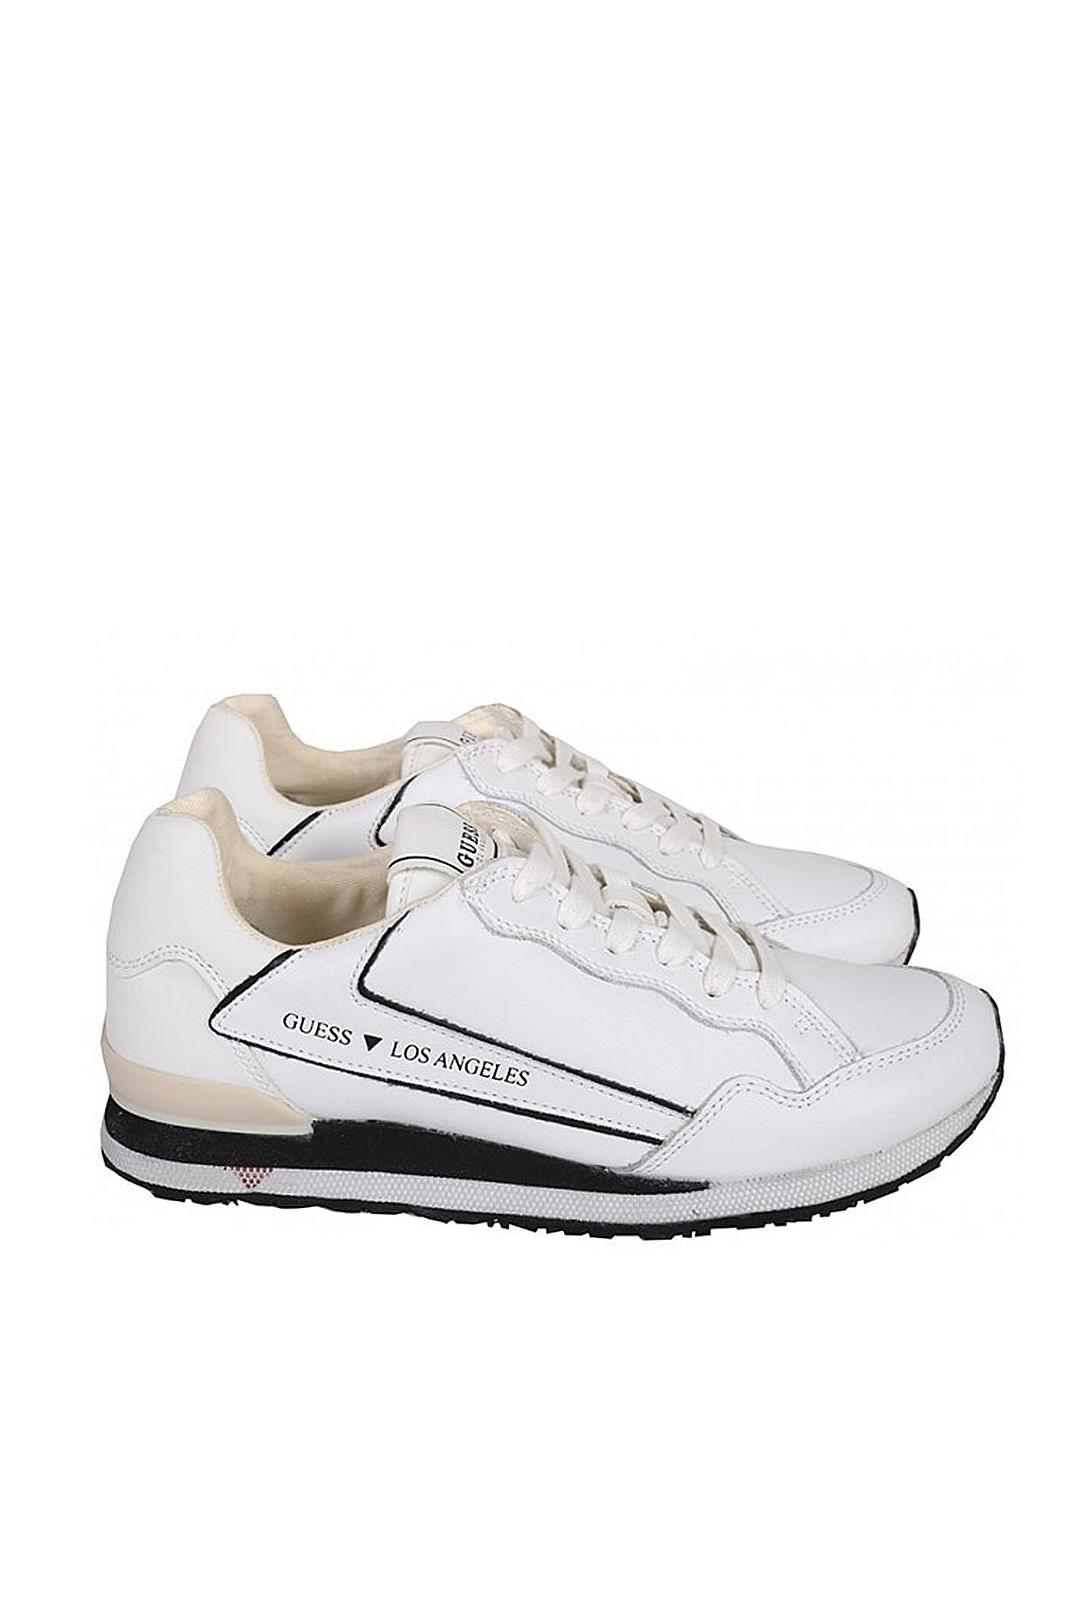 Baskets / Sport  Guess jeans FM6GEN LEA12 GENOVA WHITE